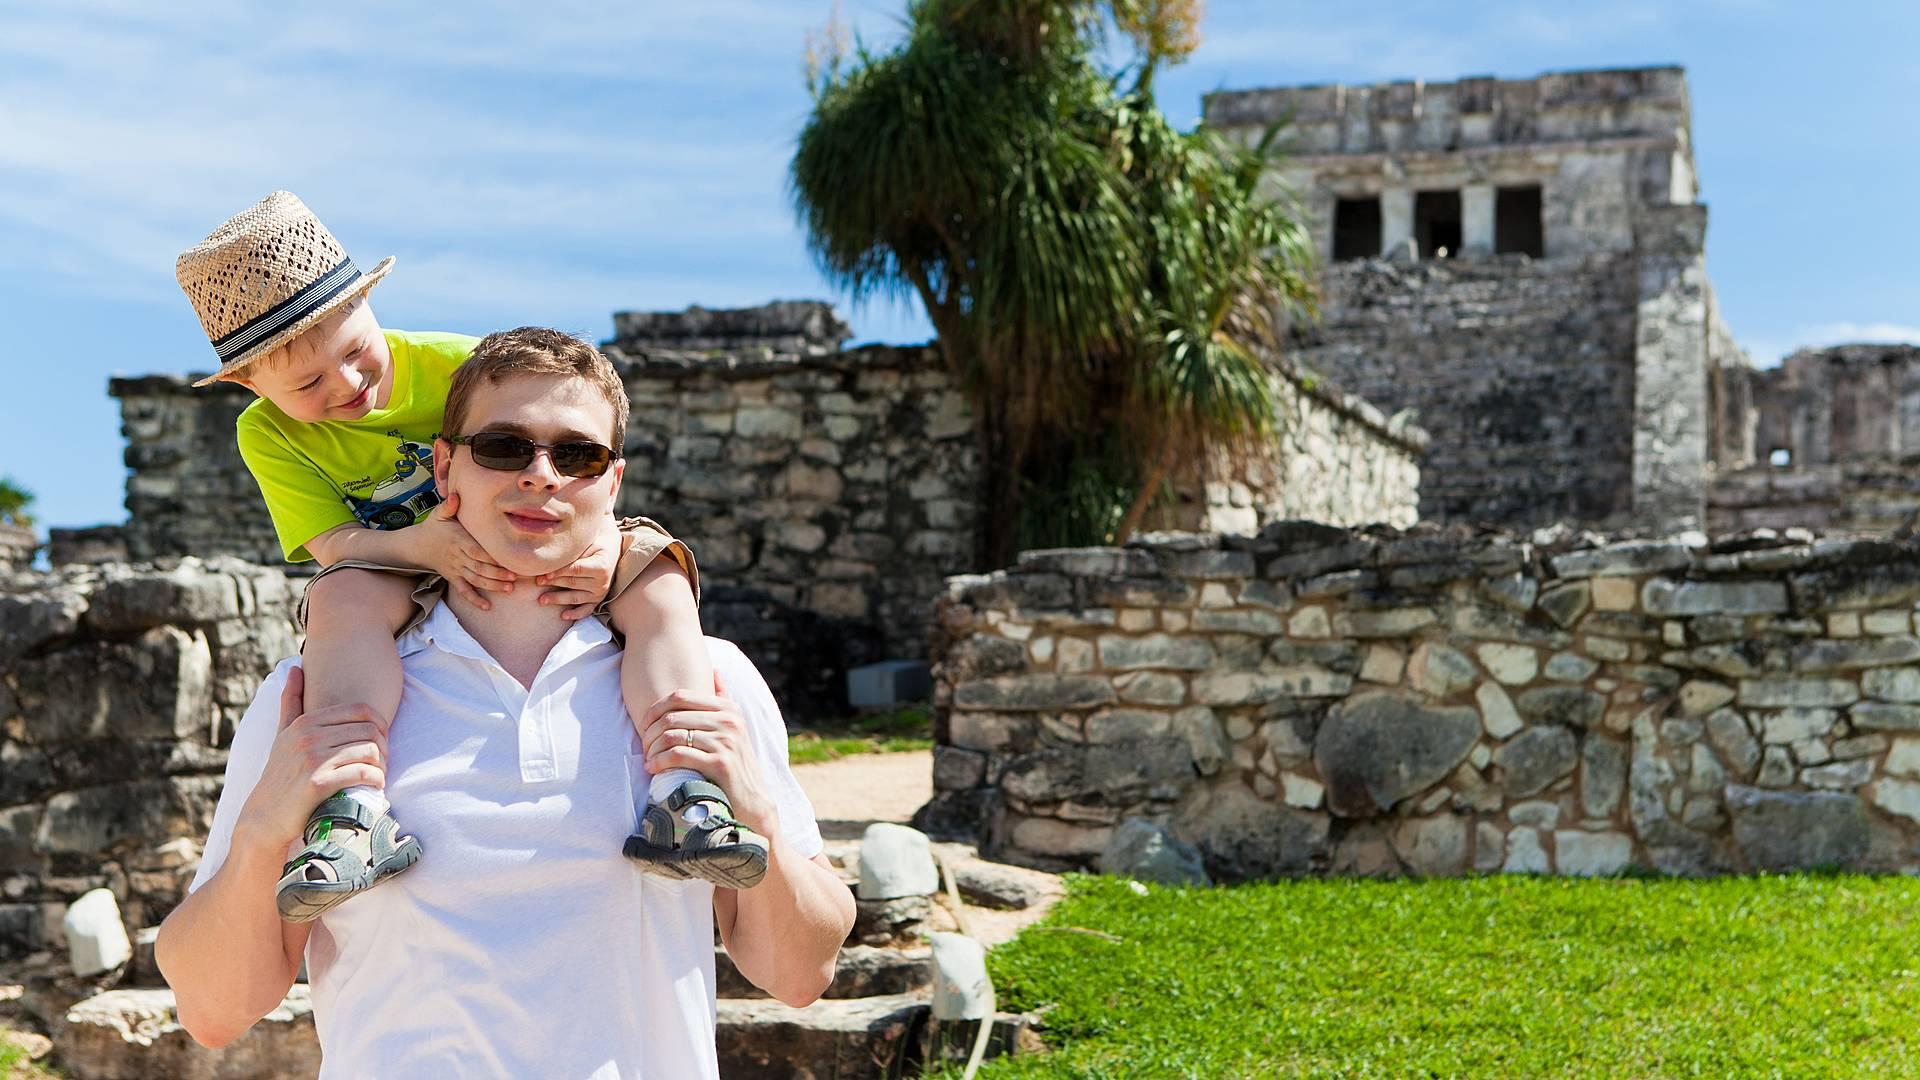 Avventure in famiglia nello Yucatan